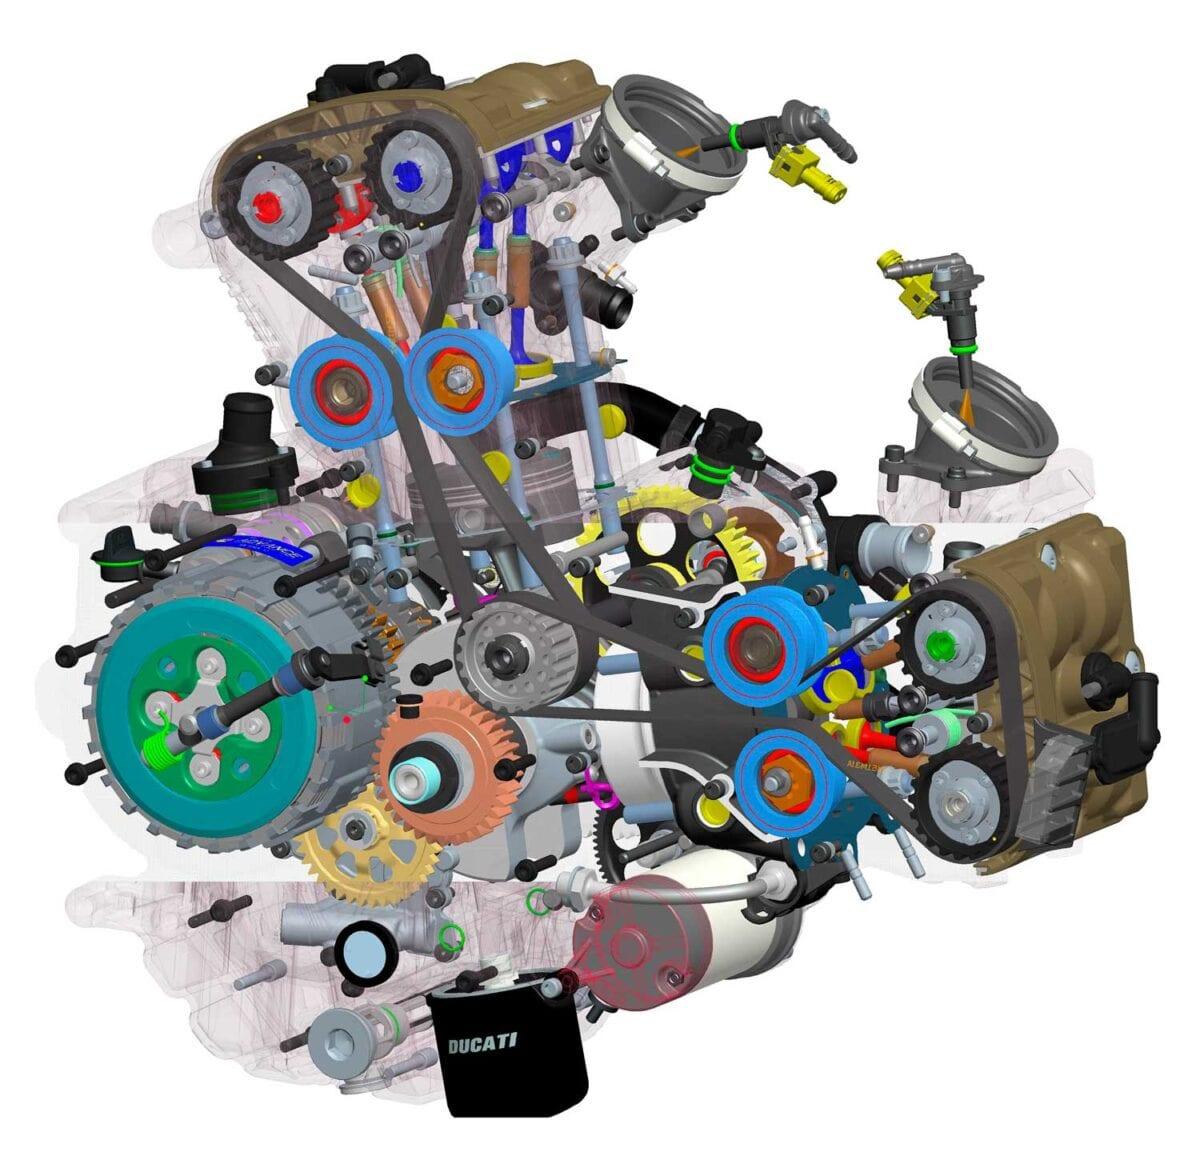 2014-Ducati-Monster-821029-engine